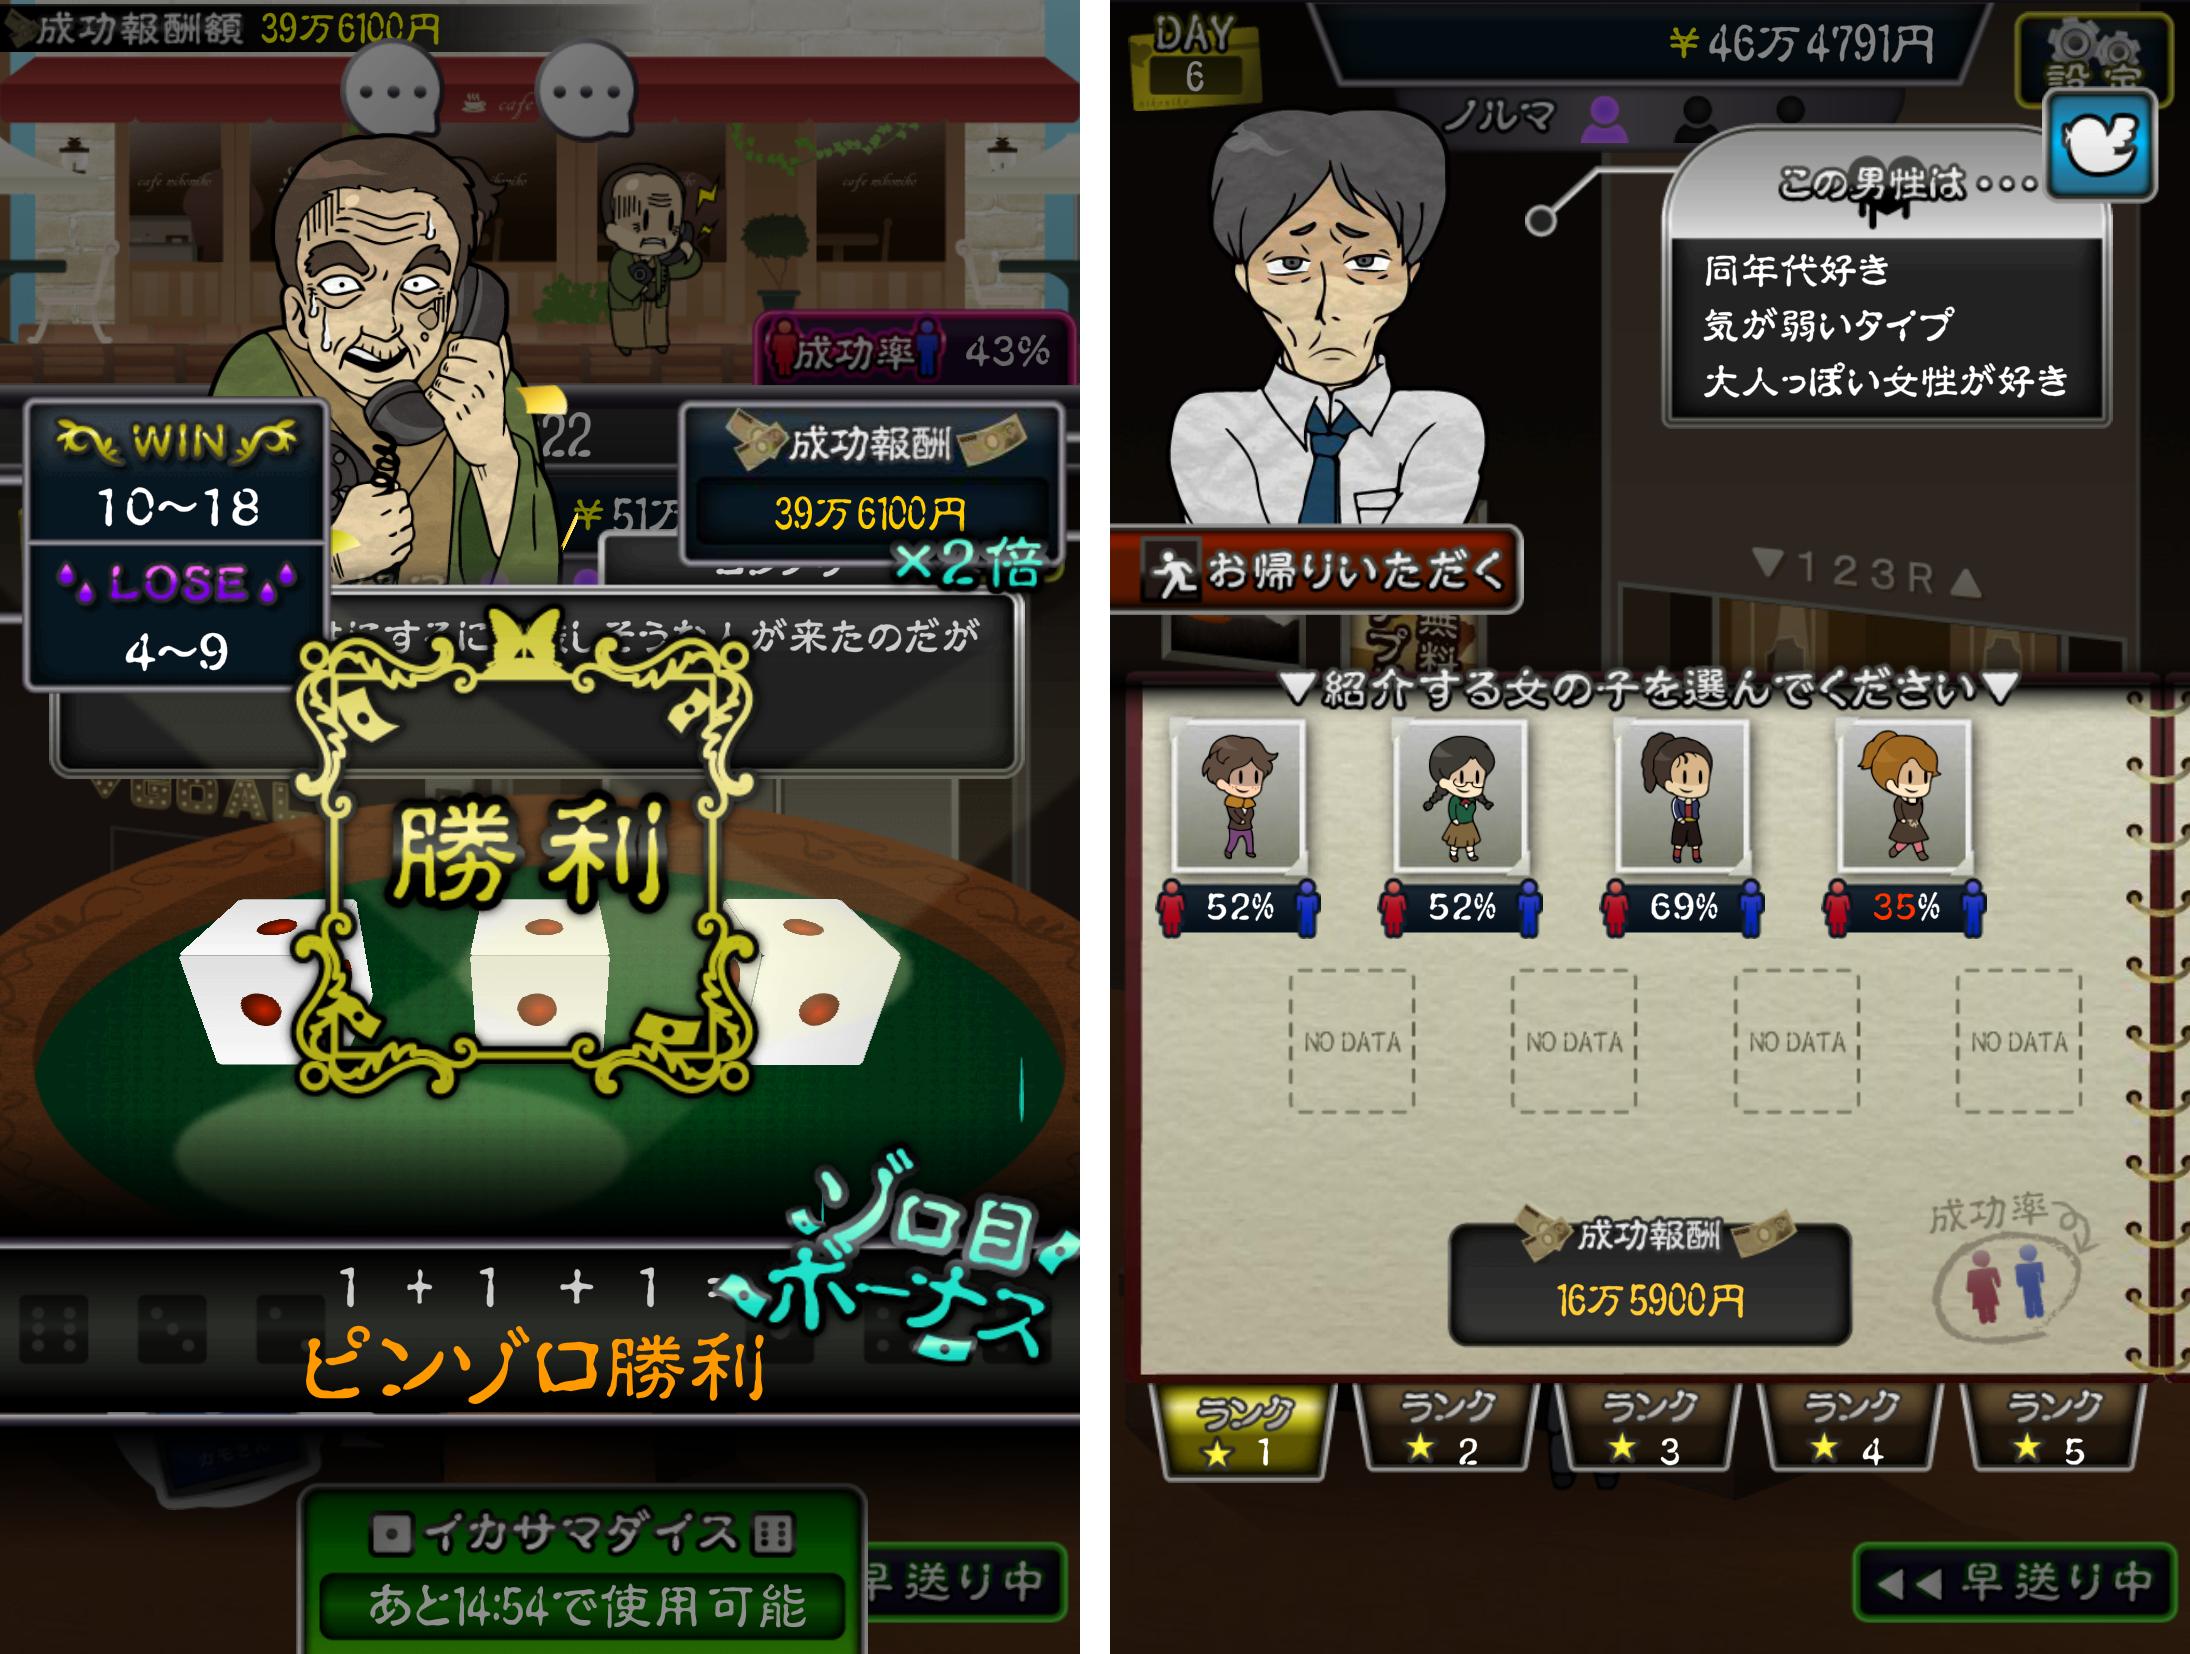 ニコニコ交際倶楽部 androidアプリスクリーンショット3